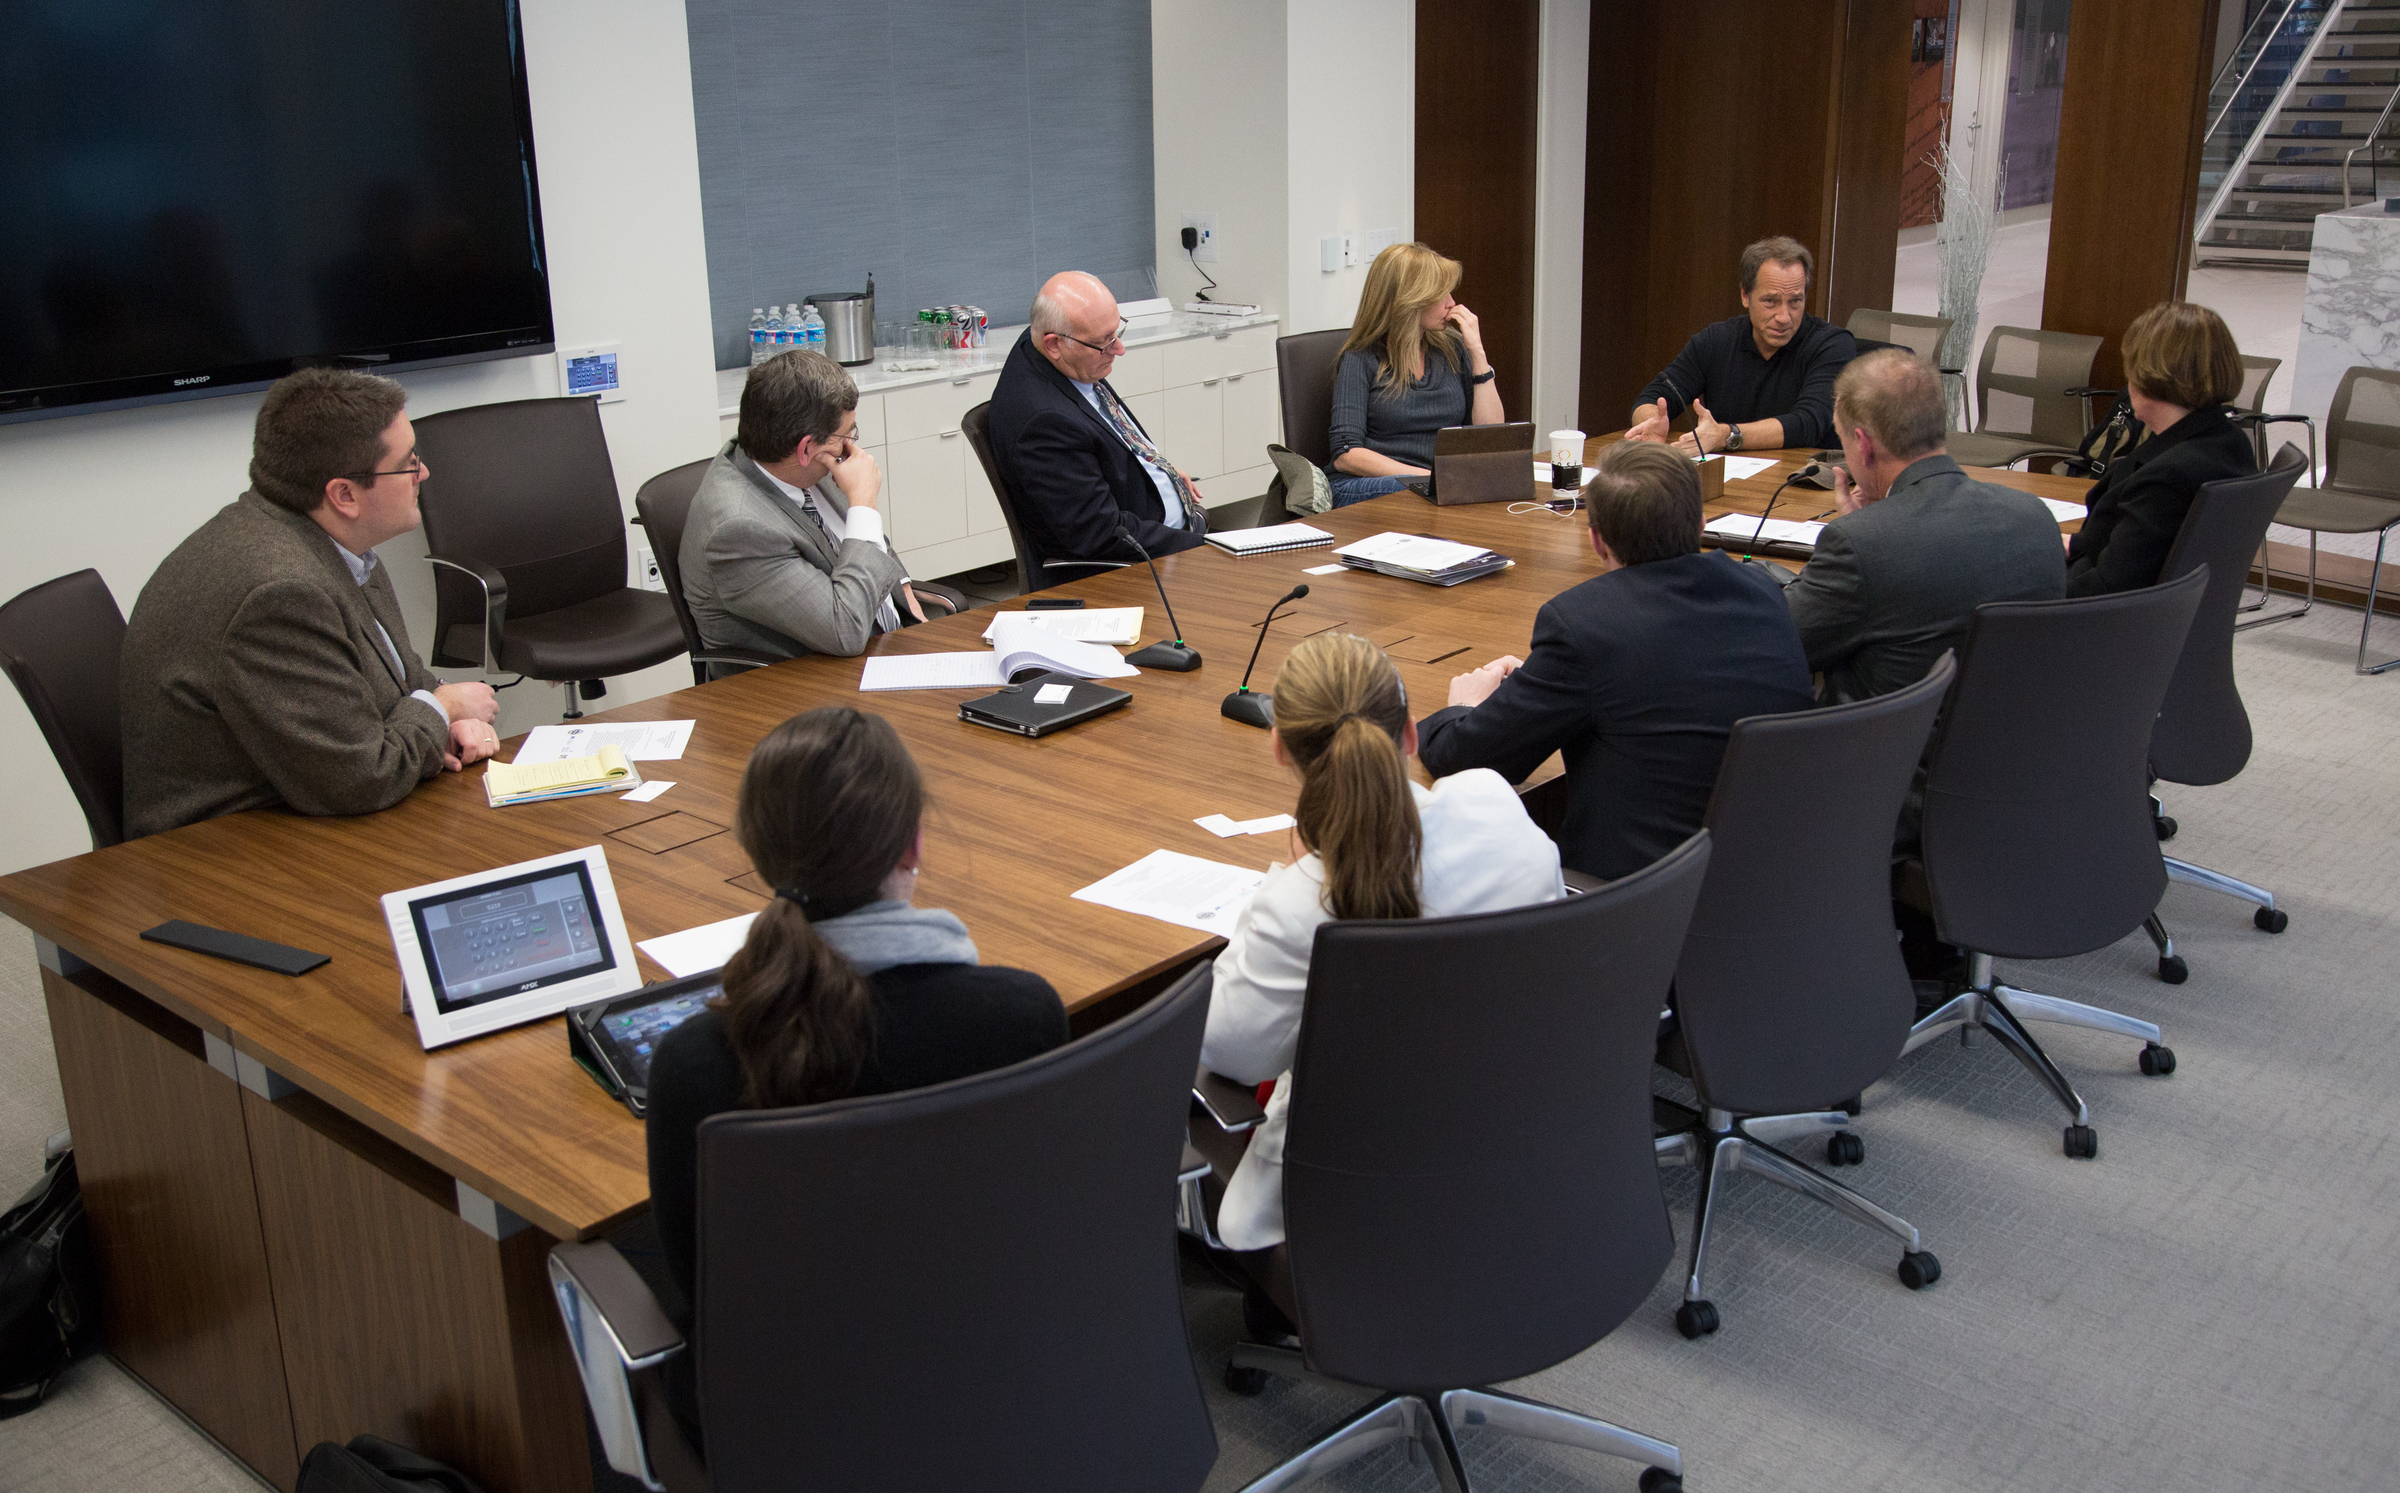 A DC Boardroom